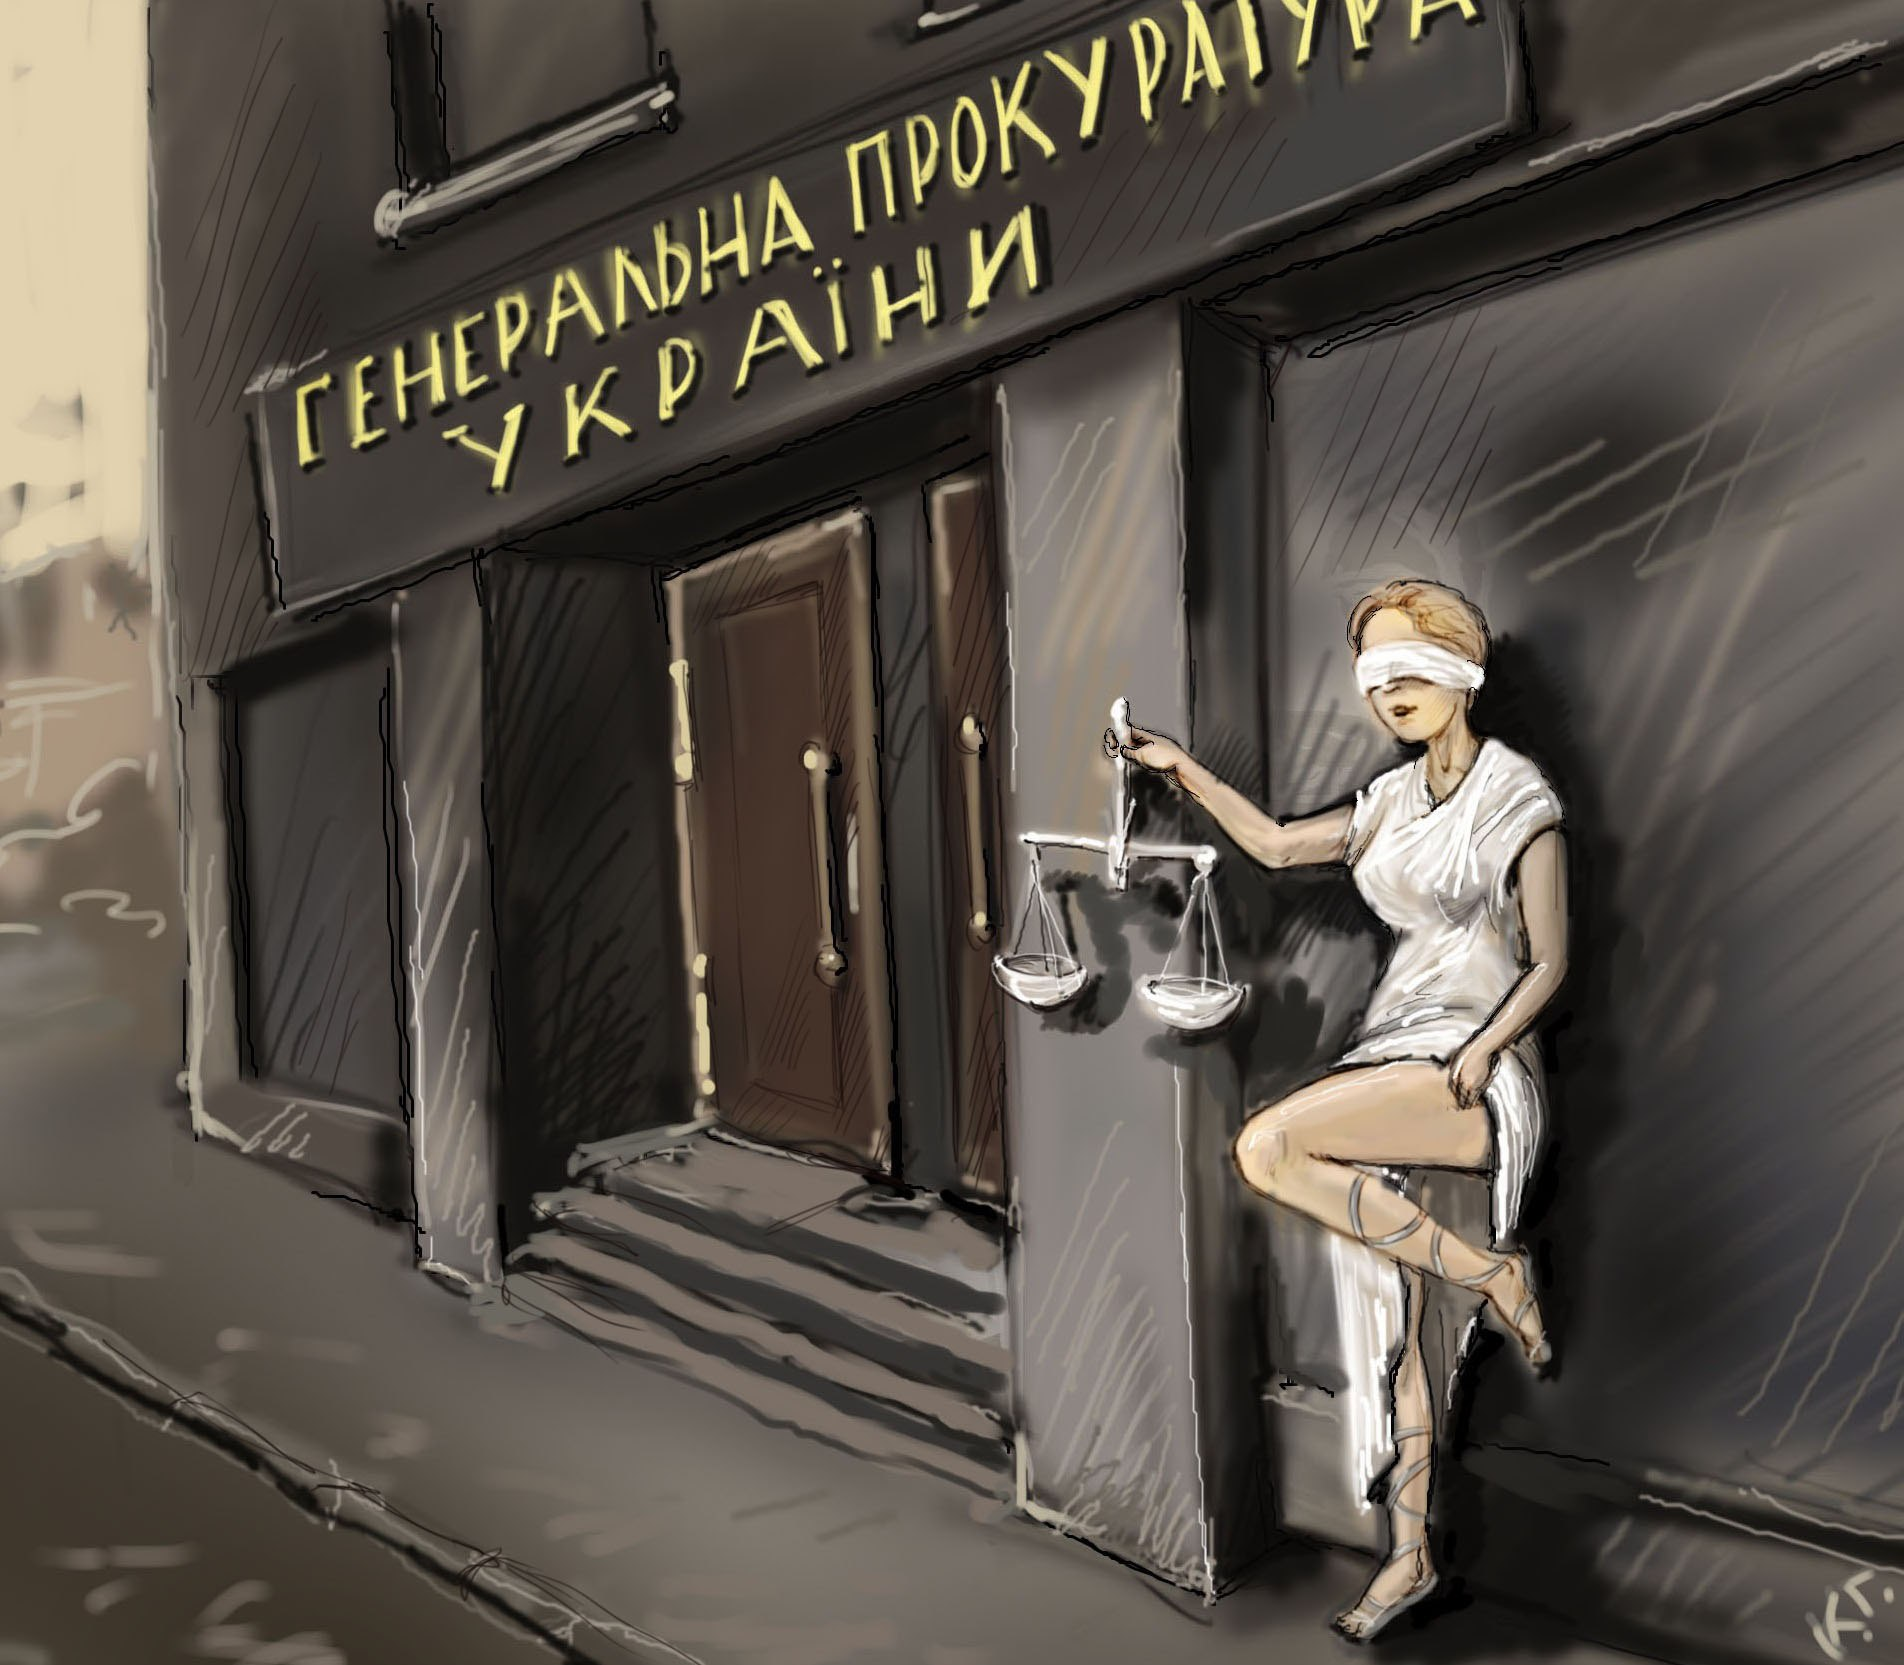 Генпрокуратура не намерена посягать на независимость новосозданных антикоррупционных органов, - Луценко - Цензор.НЕТ 6022